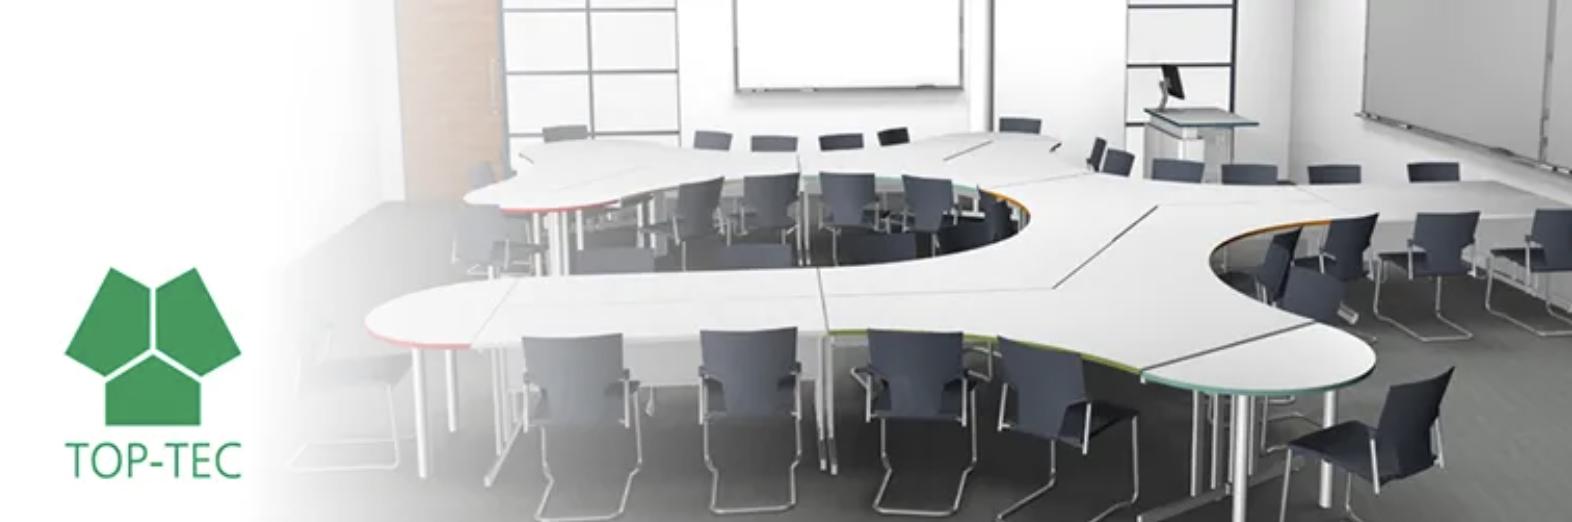 Agile Workspace Desks